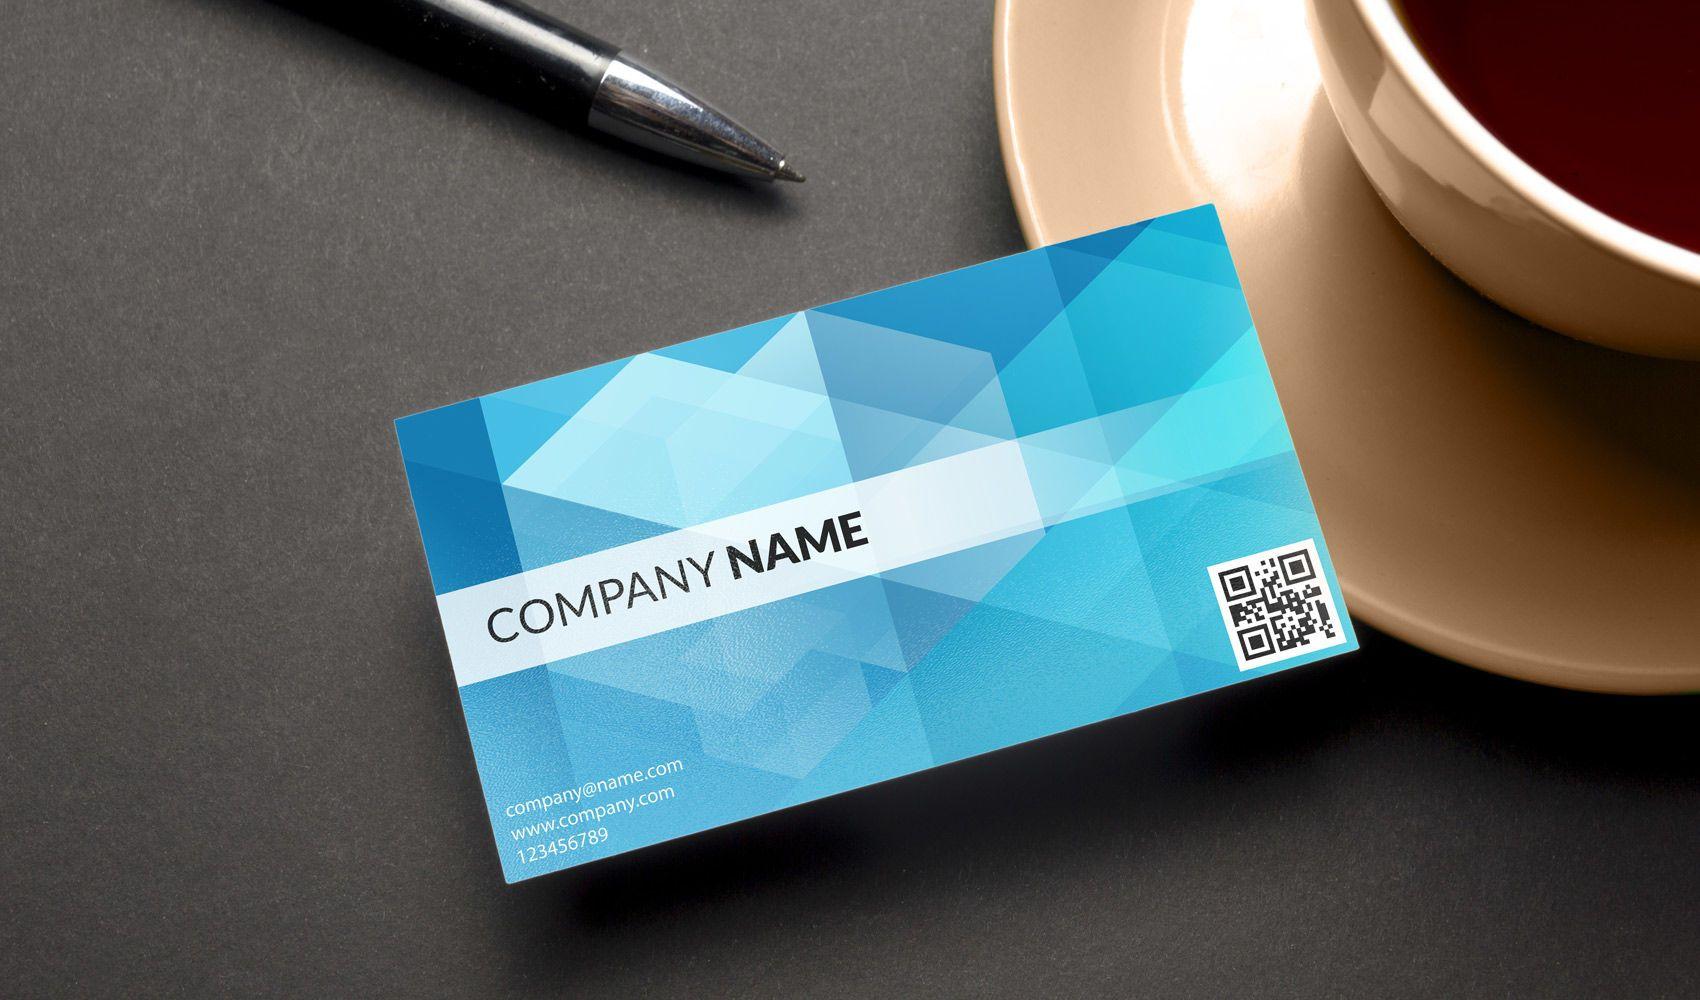 Cartão de visita corporativo com código QR